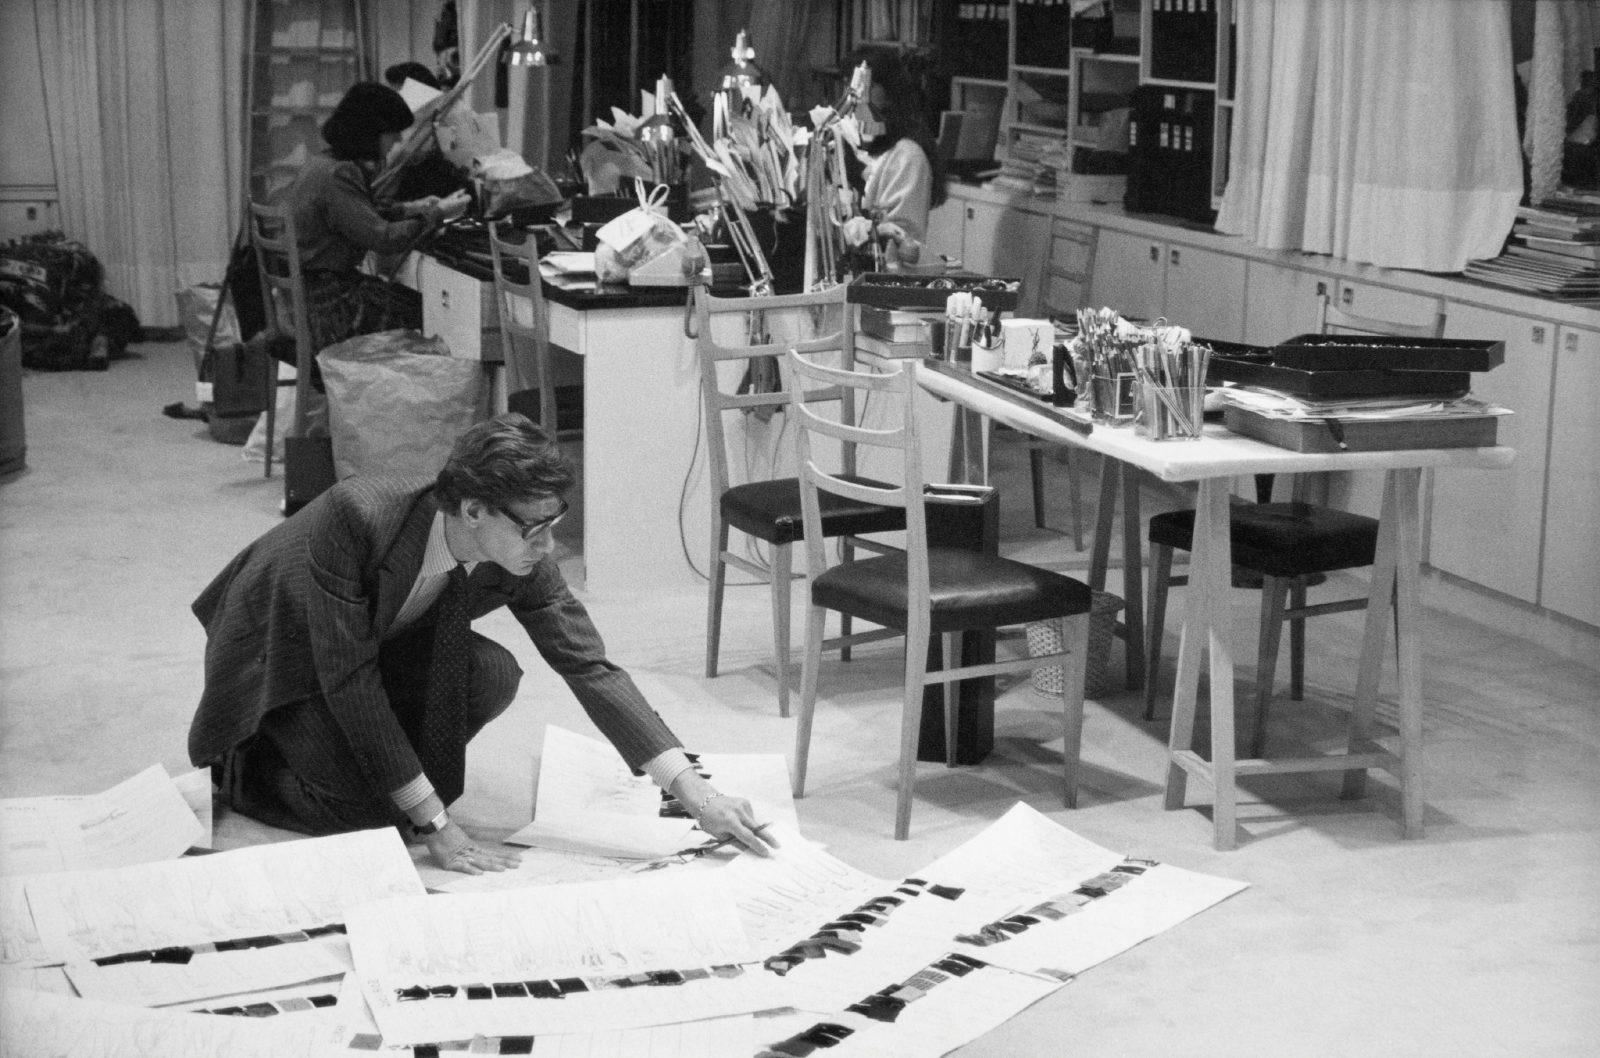 Musée Yves Saint Laurent Paris Préparation collection / Luc castel